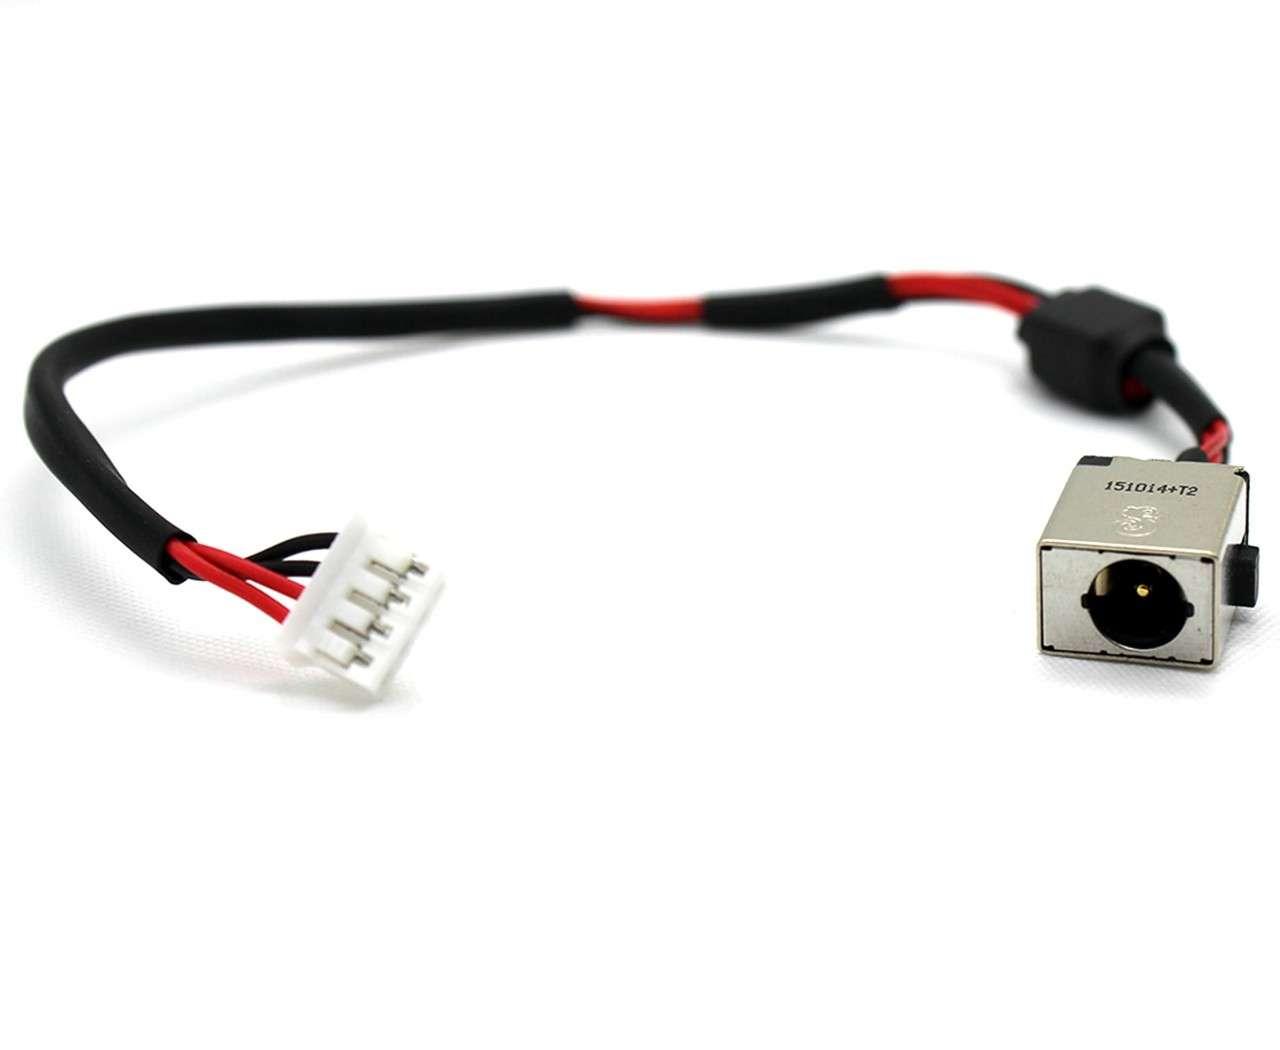 Mufa alimentare laptop Acer Aspire E5-551 cu fir imagine powerlaptop.ro 2021